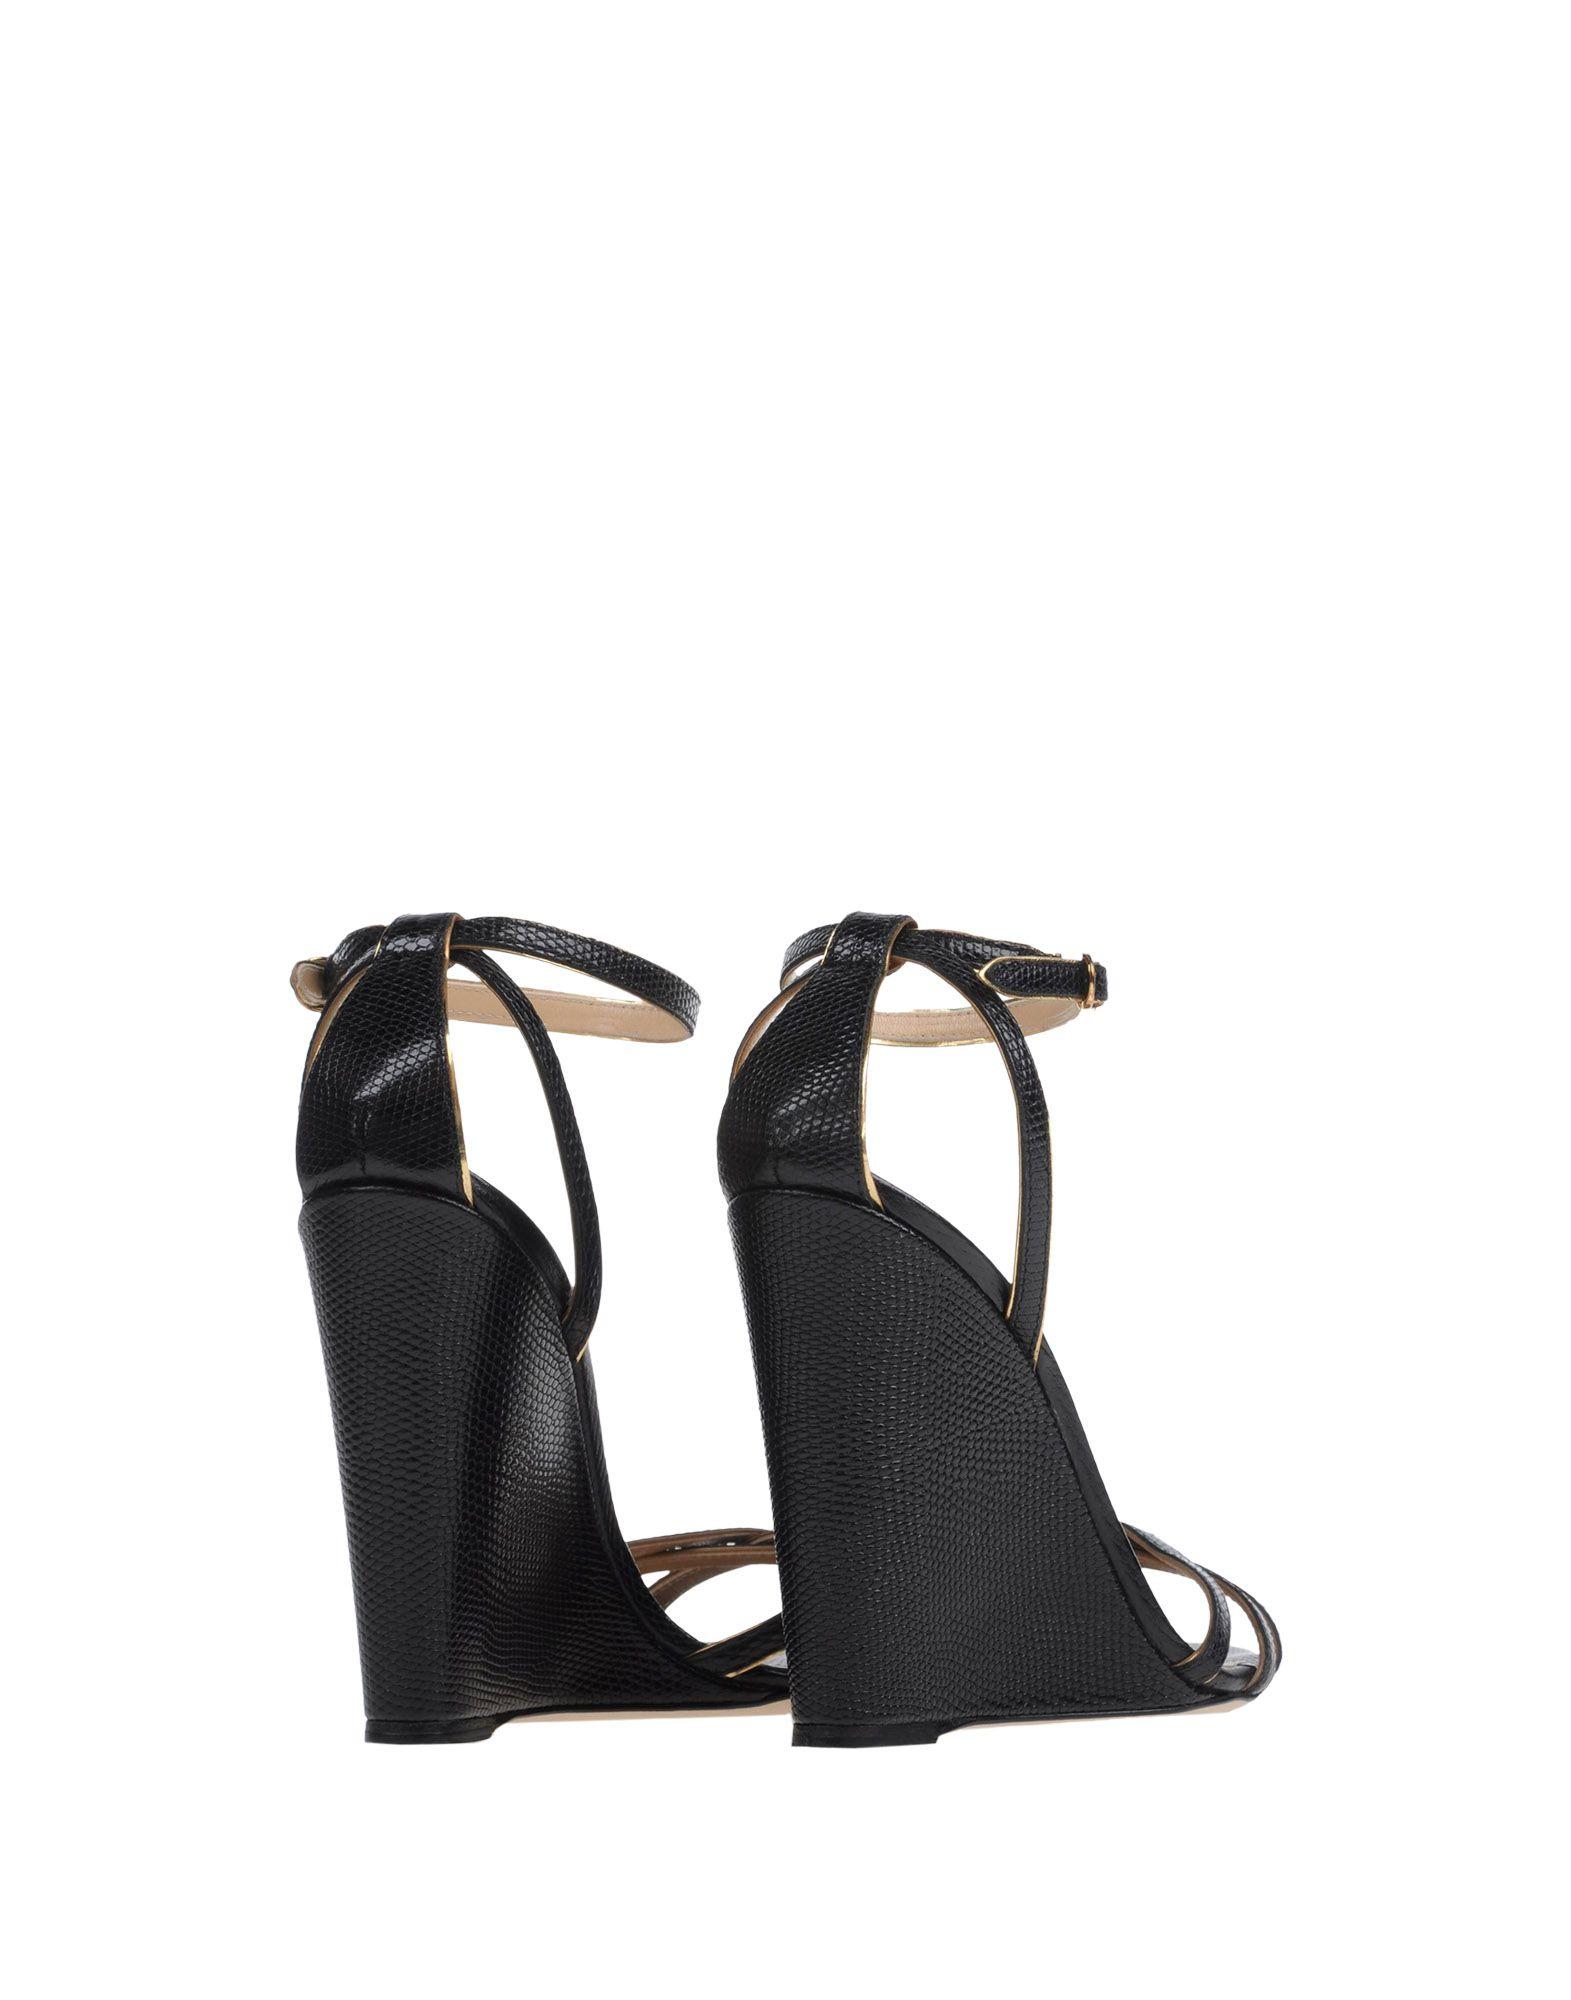 Dolce & 44964439UOGünstige Gabbana Sandalen Damen  44964439UOGünstige & gut aussehende Schuhe fe5e00